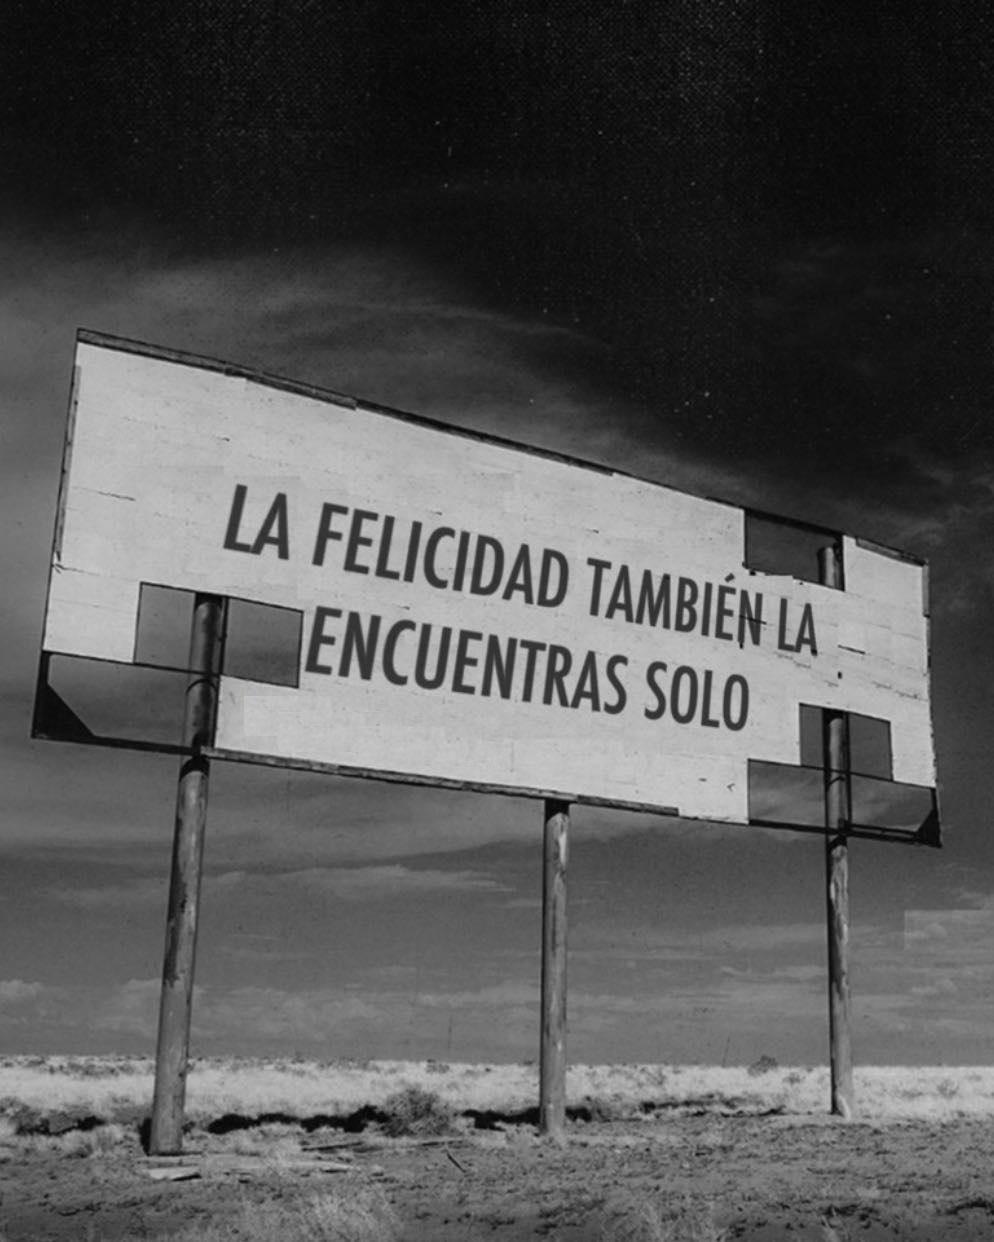 La felicidad también se encuentra solo